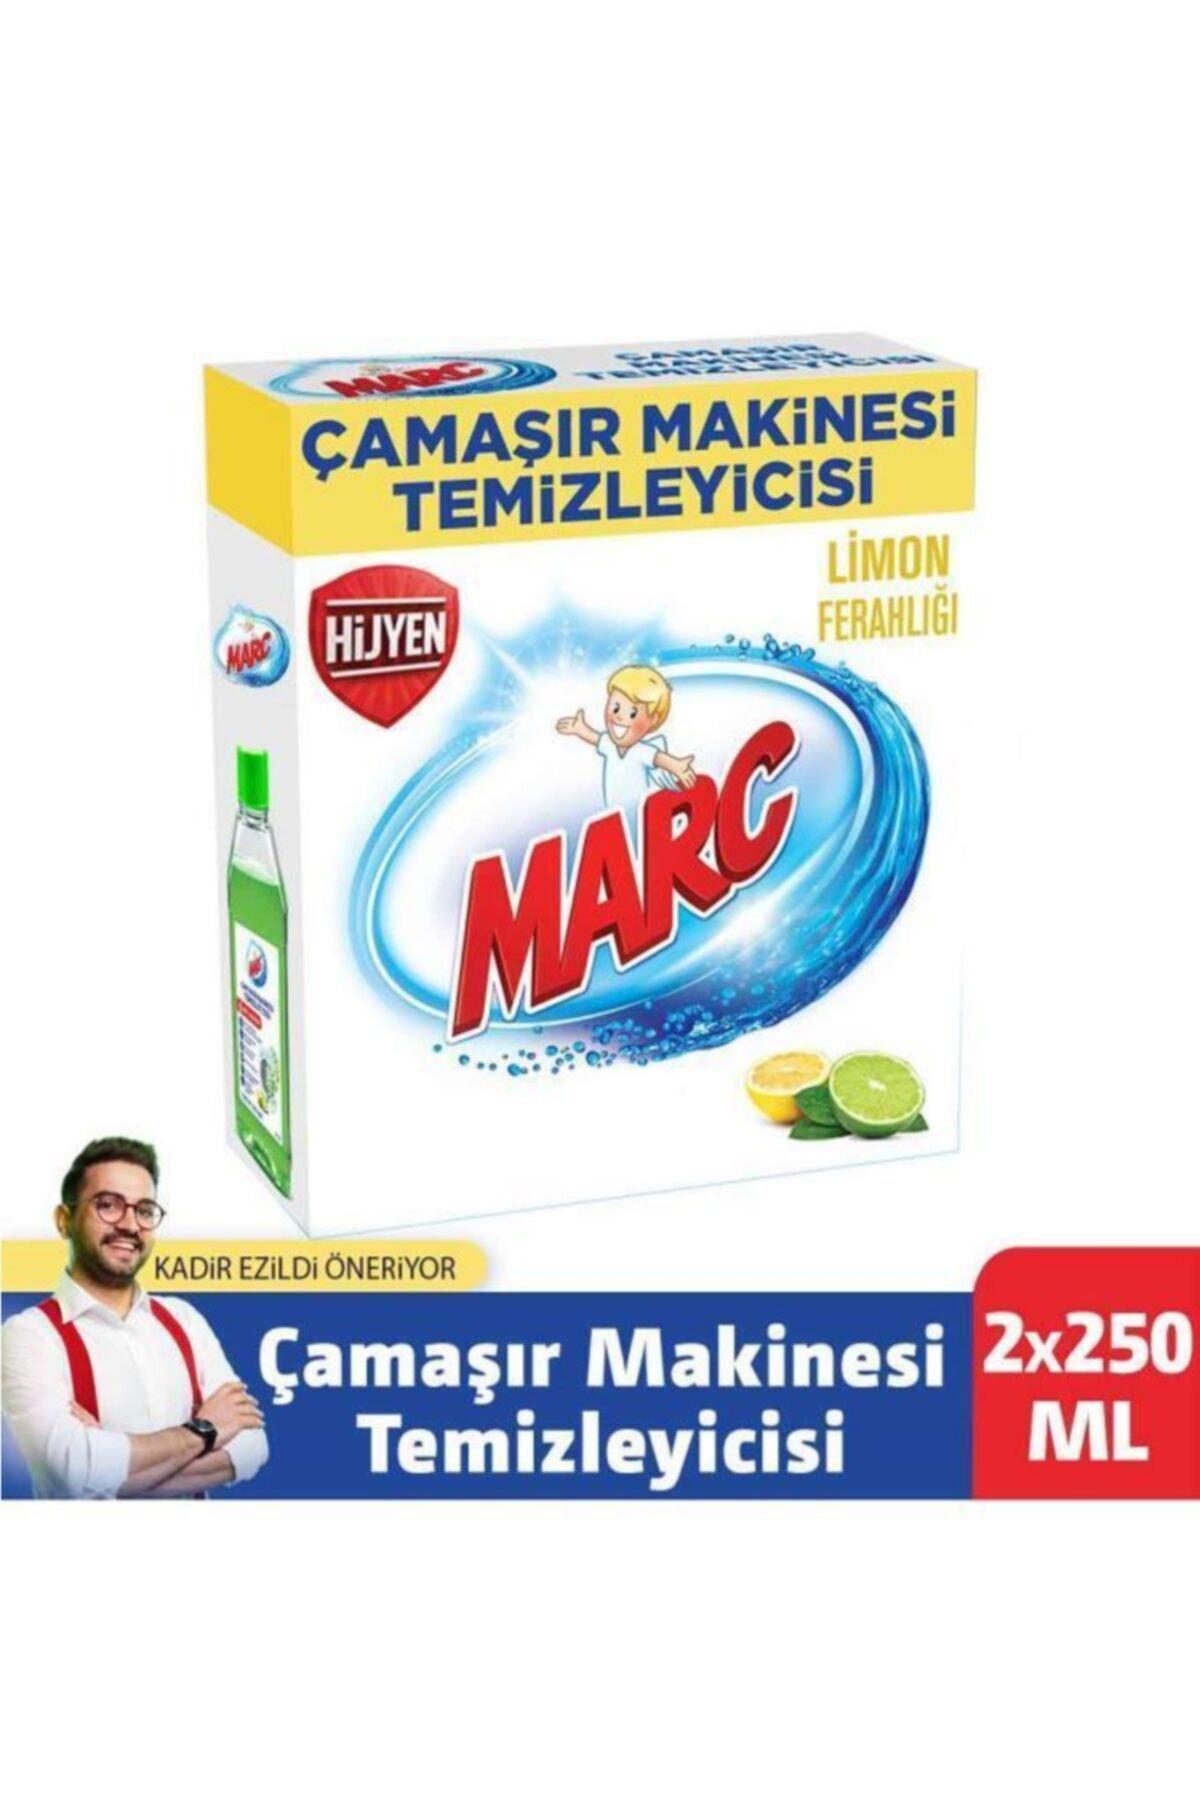 Marc Çamaşır Makinesi Temizleyici Limon Ferahlığı 2x250 Ml 1